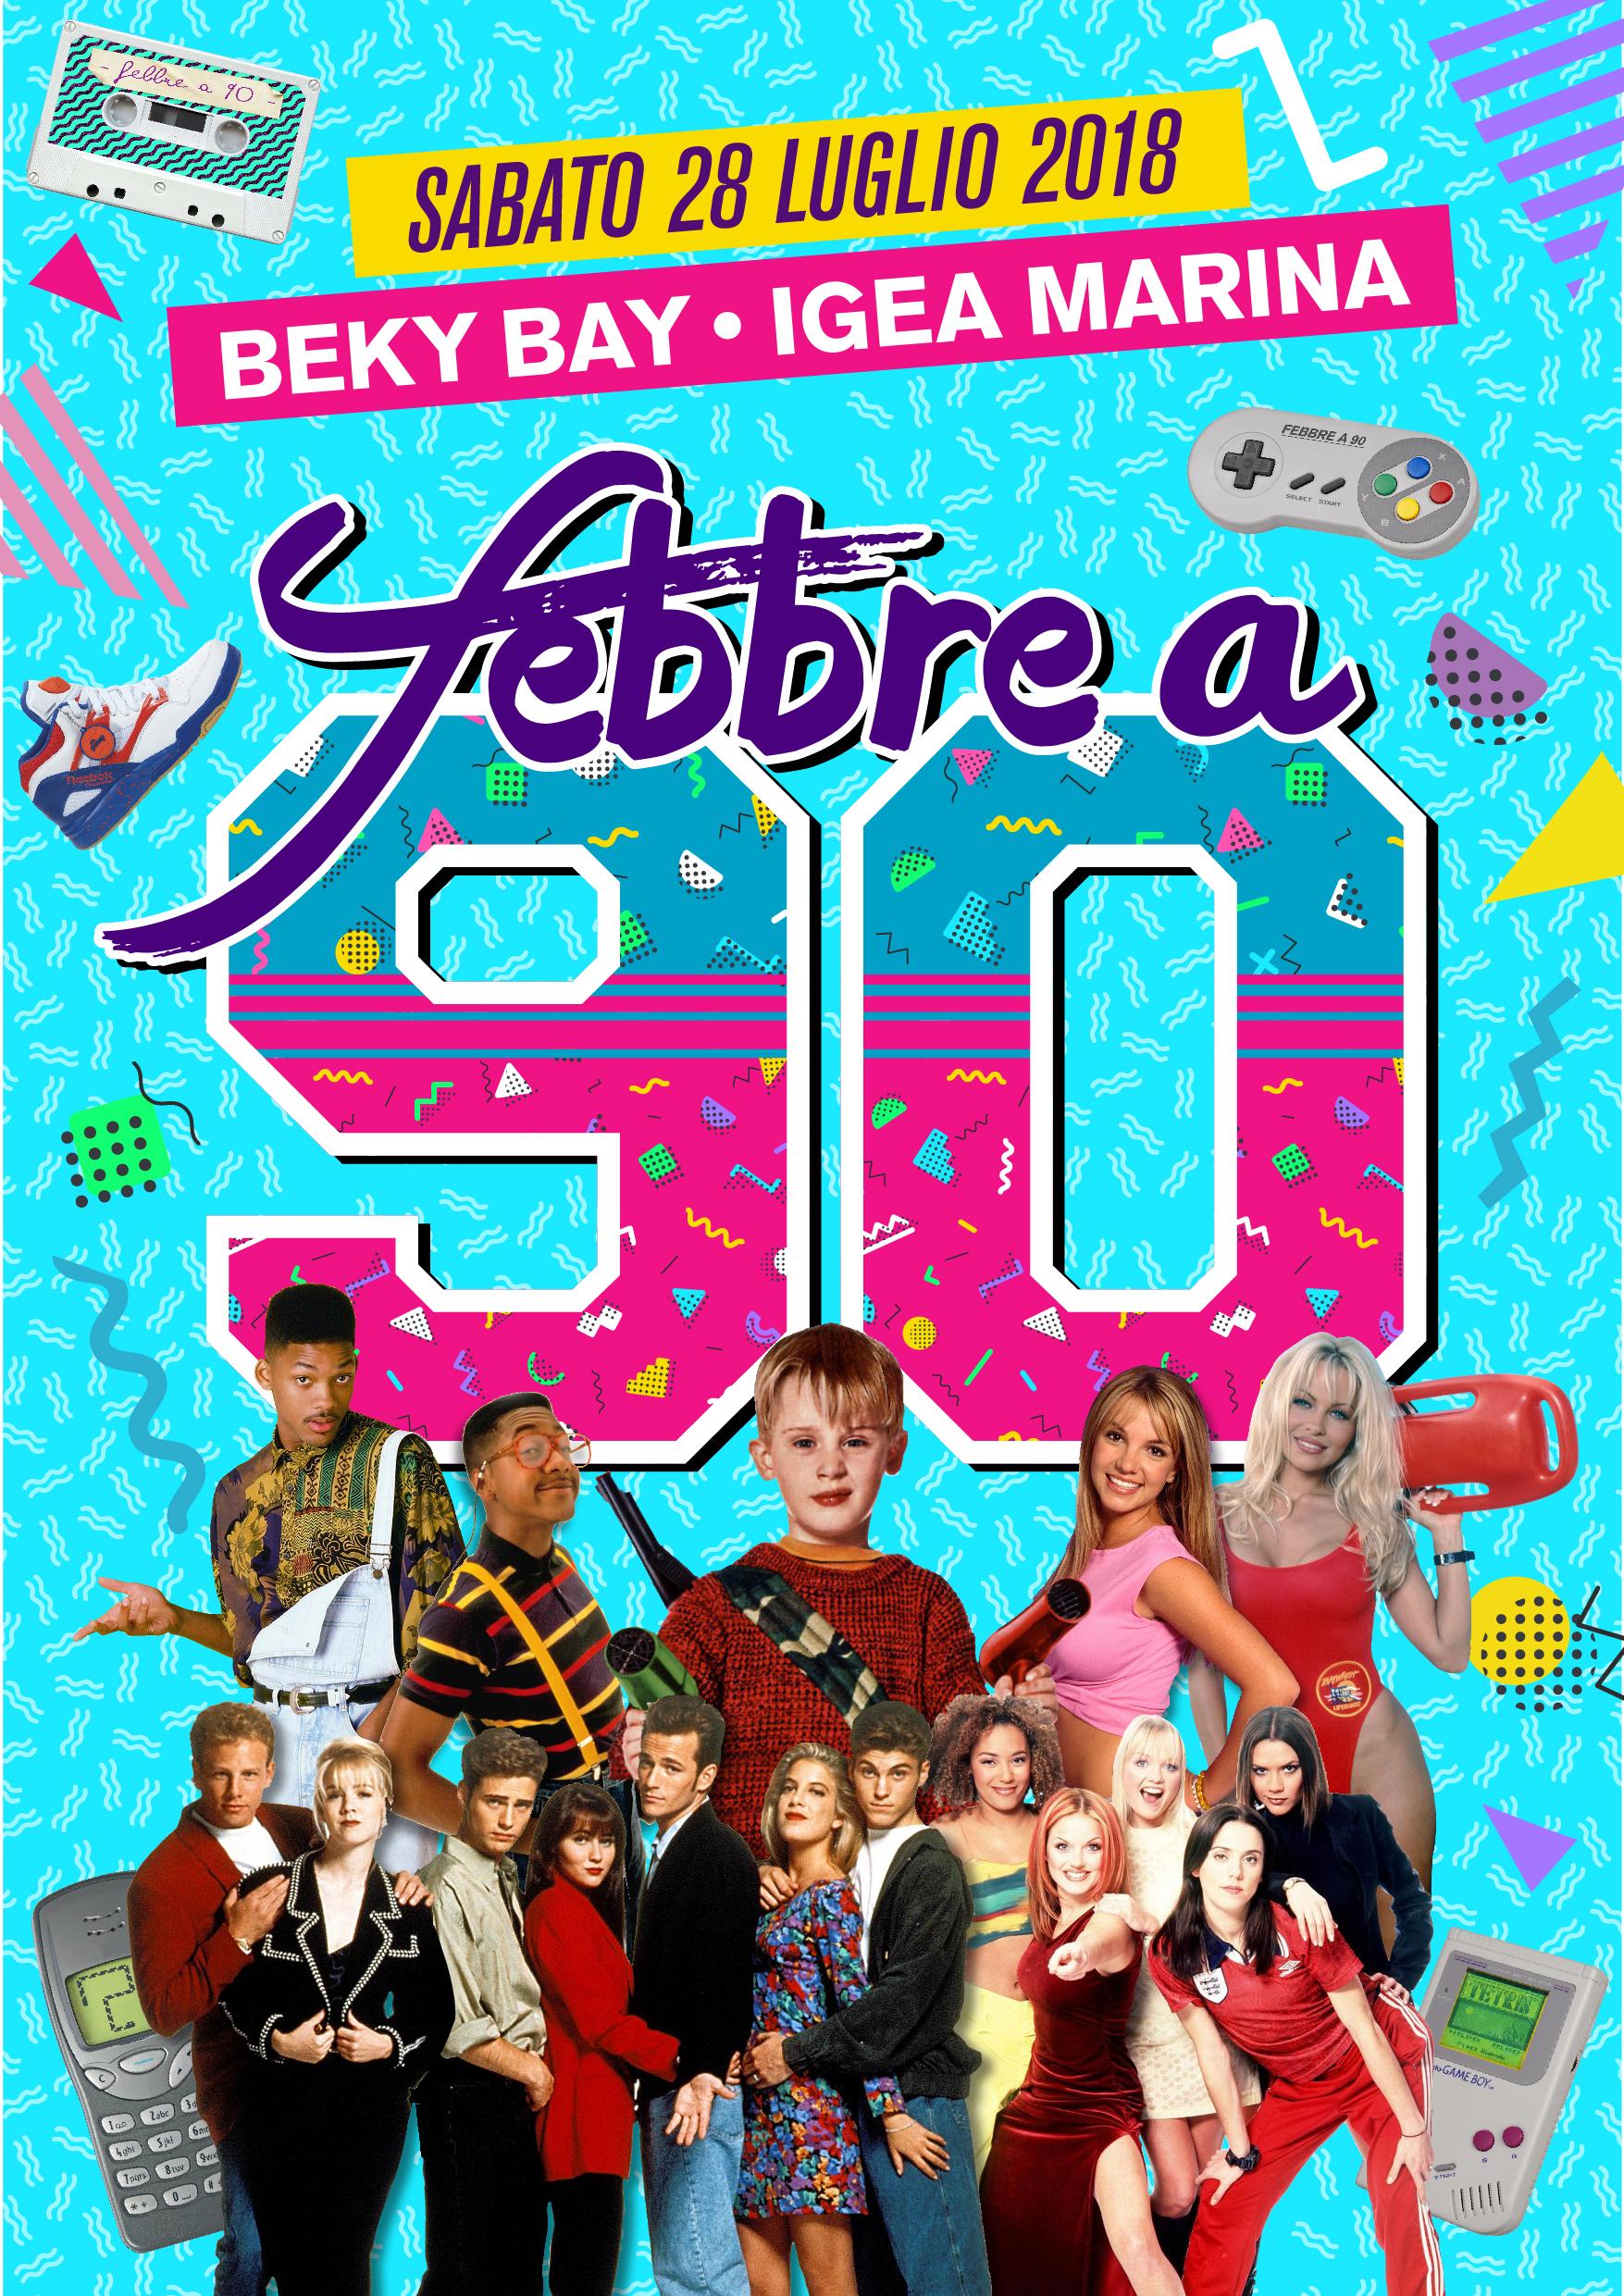 FEBBRE A 90